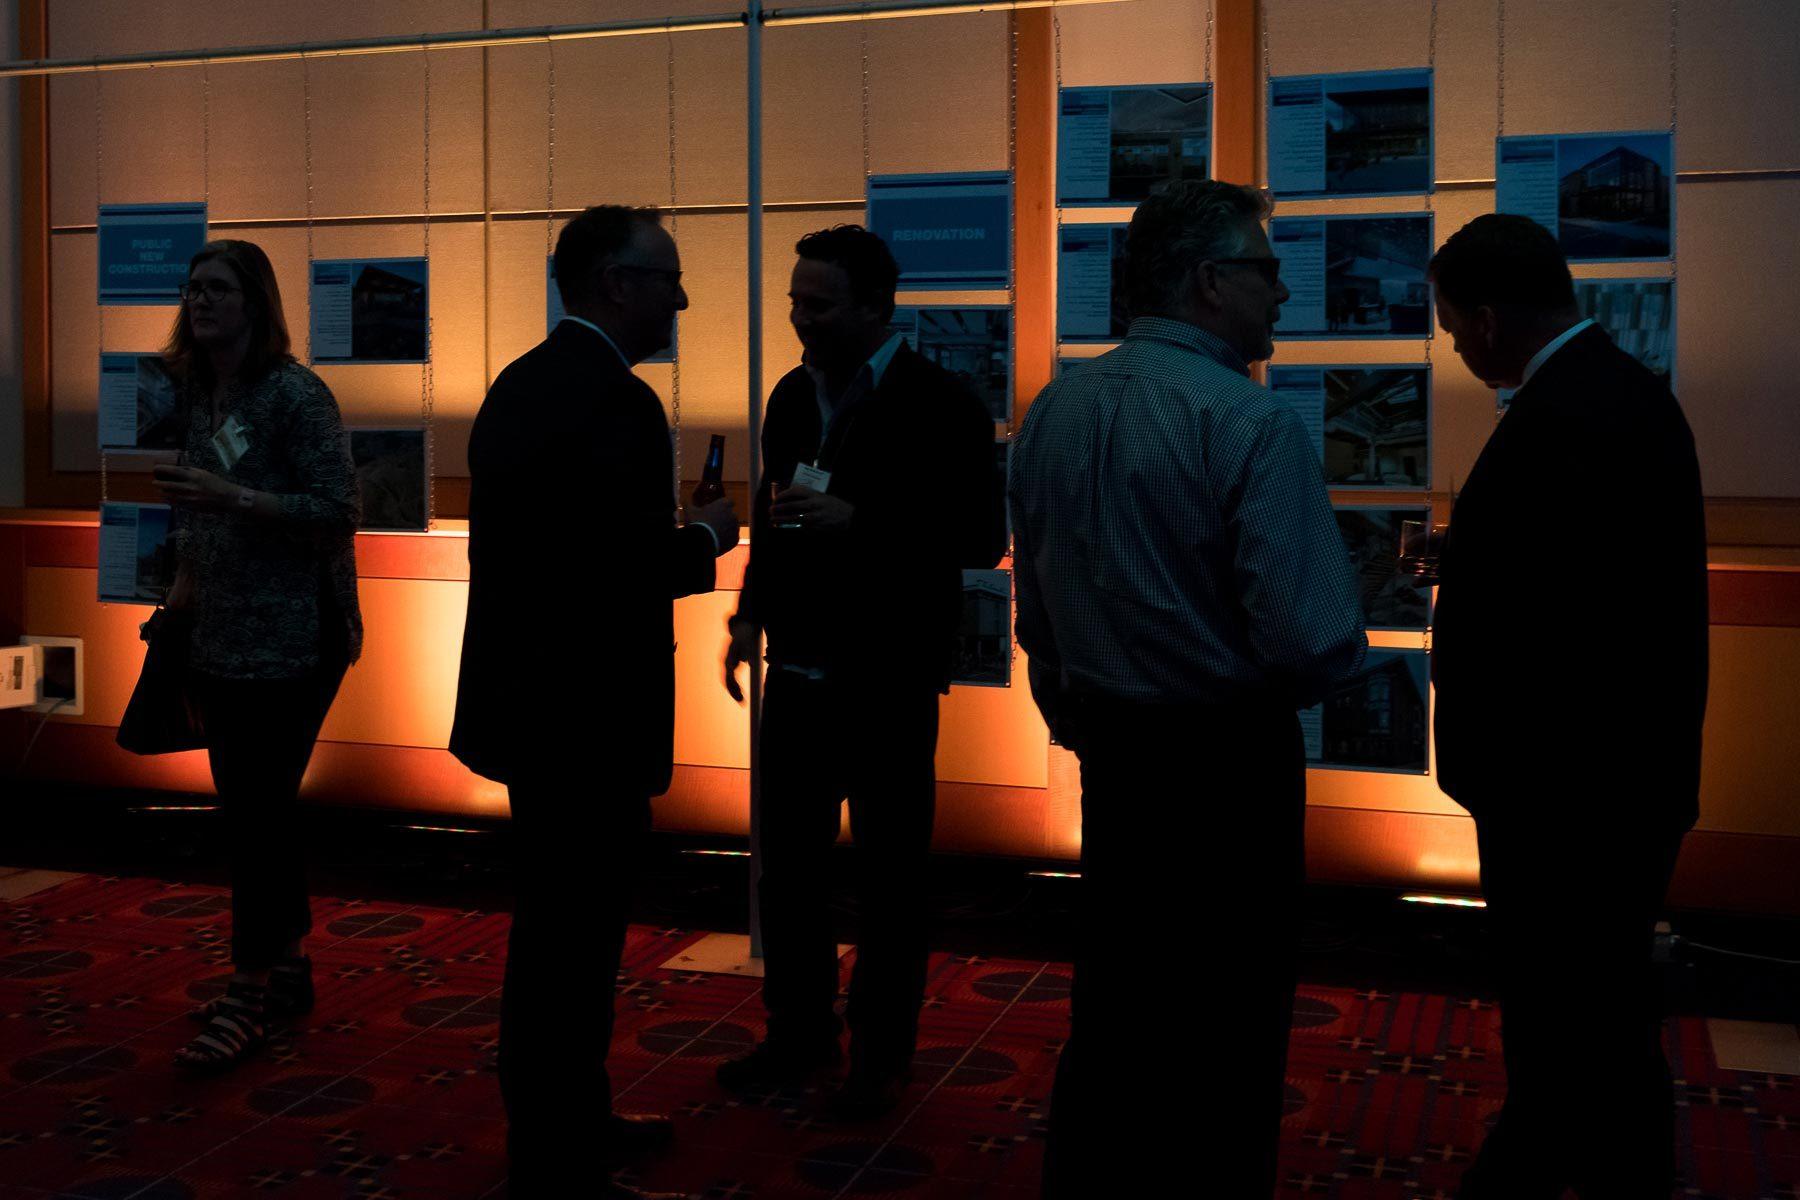 corporate-event-photographer-portland-oregon-02